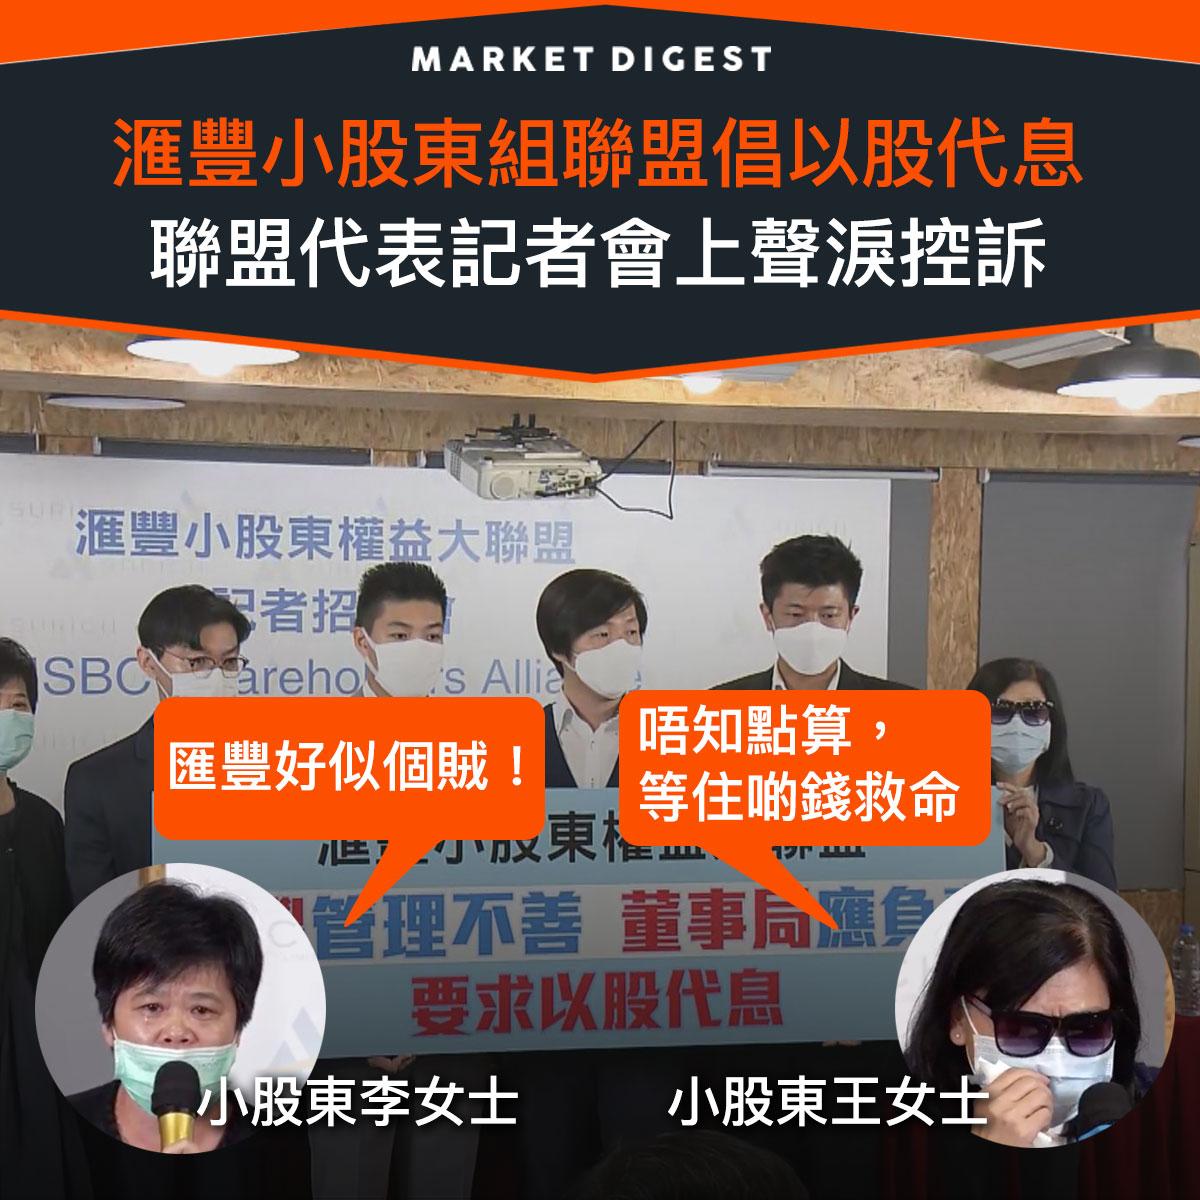 【市場熱話】滙豐小股東組聯盟倡以股代息,聯盟代表記者會上聲淚控訴